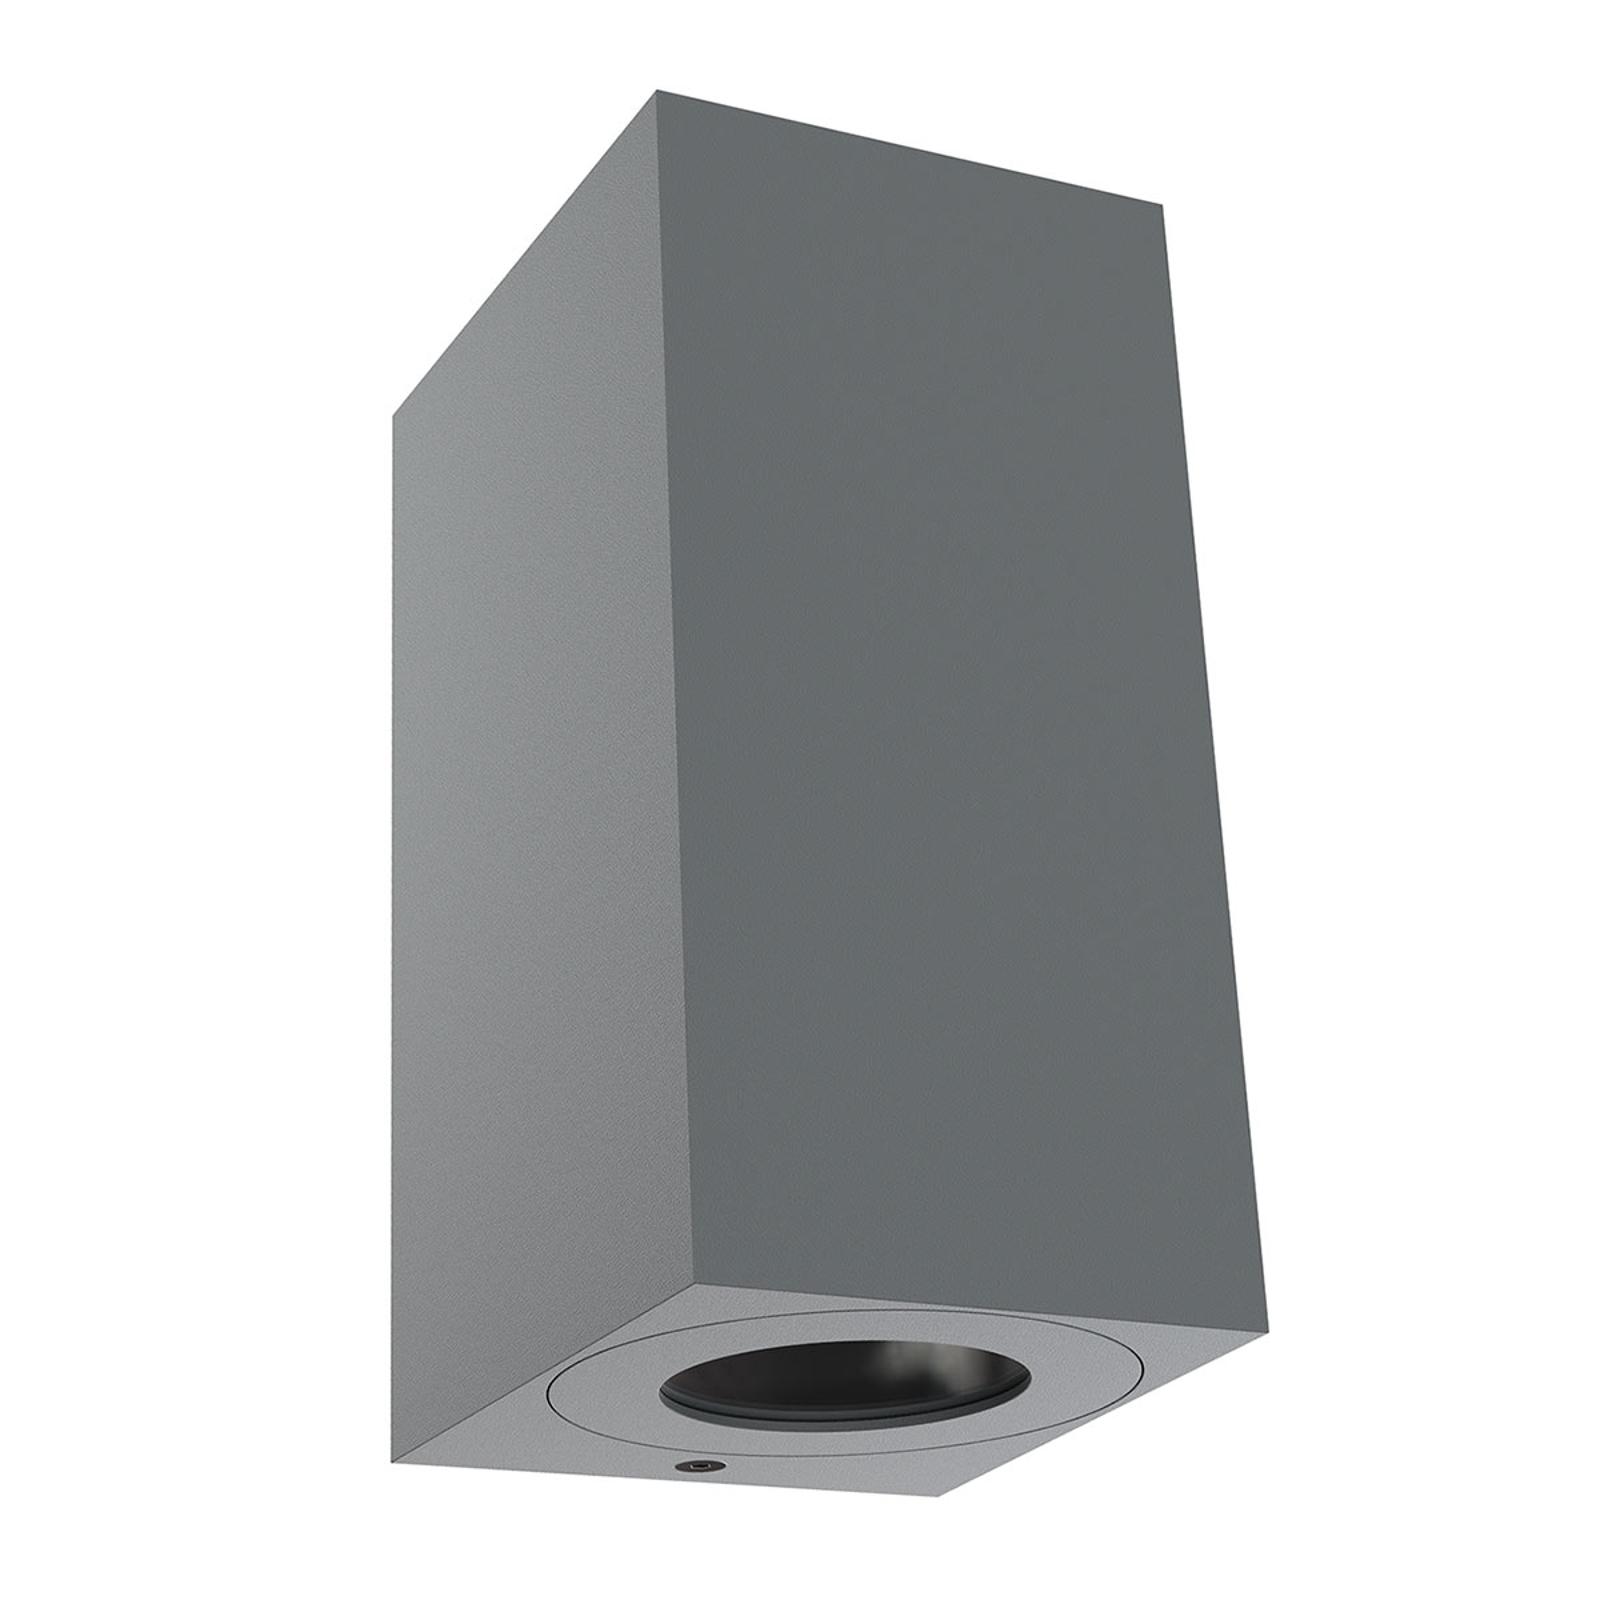 Utendørs vegglampe Canto Maxi Kubi 2, 17 cm, grå